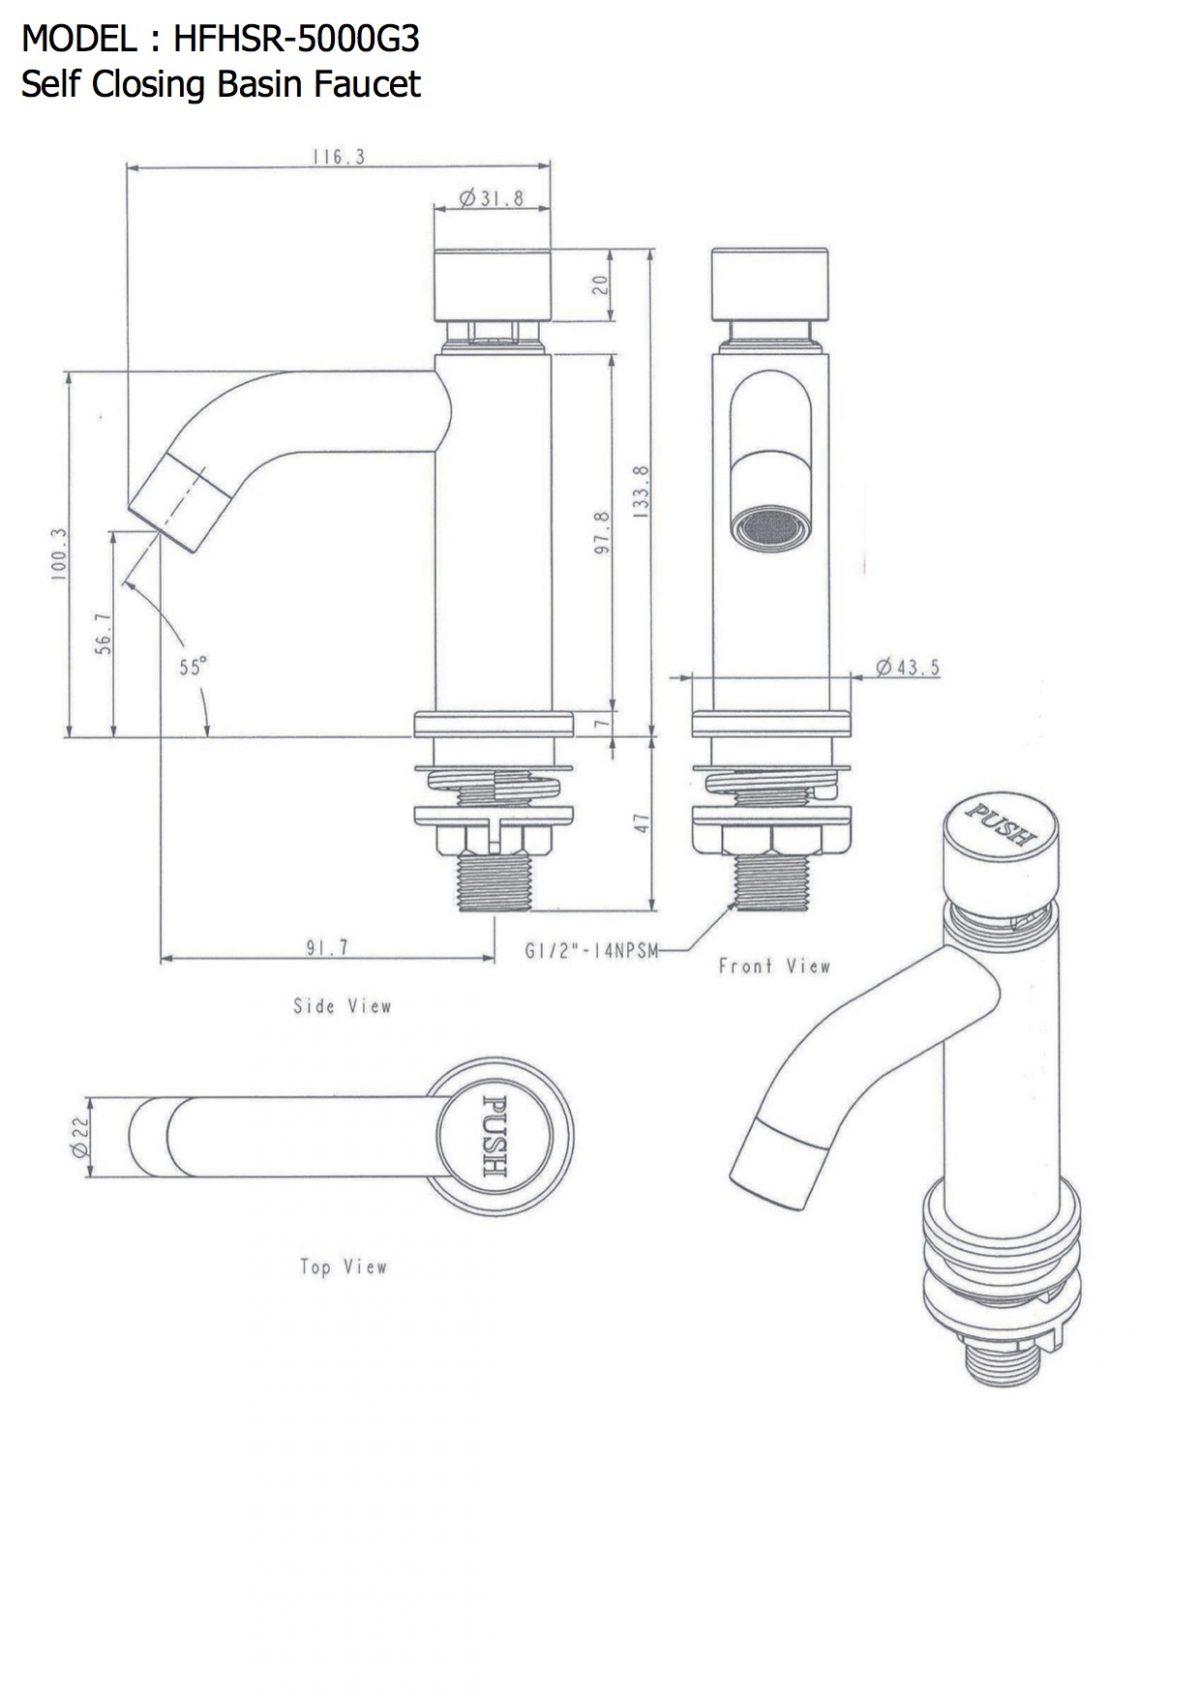 Wasserhahn Pocket, selbstschließender Edelstahl-Wasserhahn